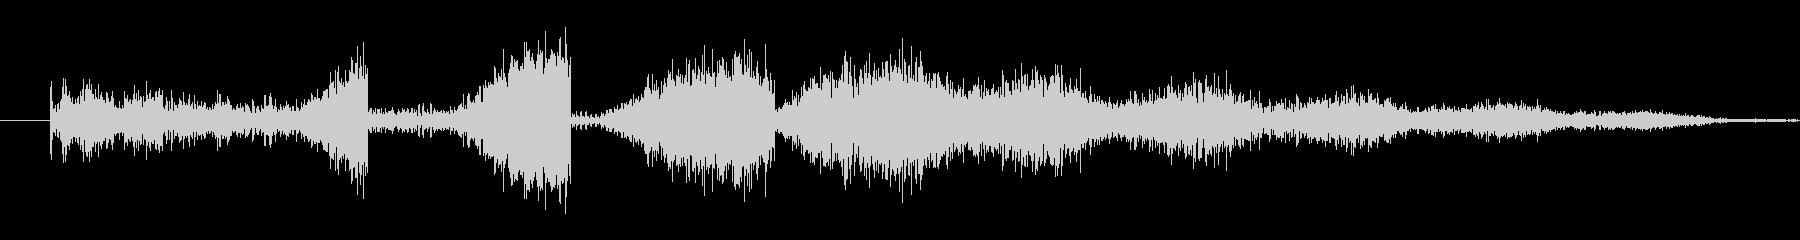 スペーススキャナーまたはコミュニケ...の未再生の波形